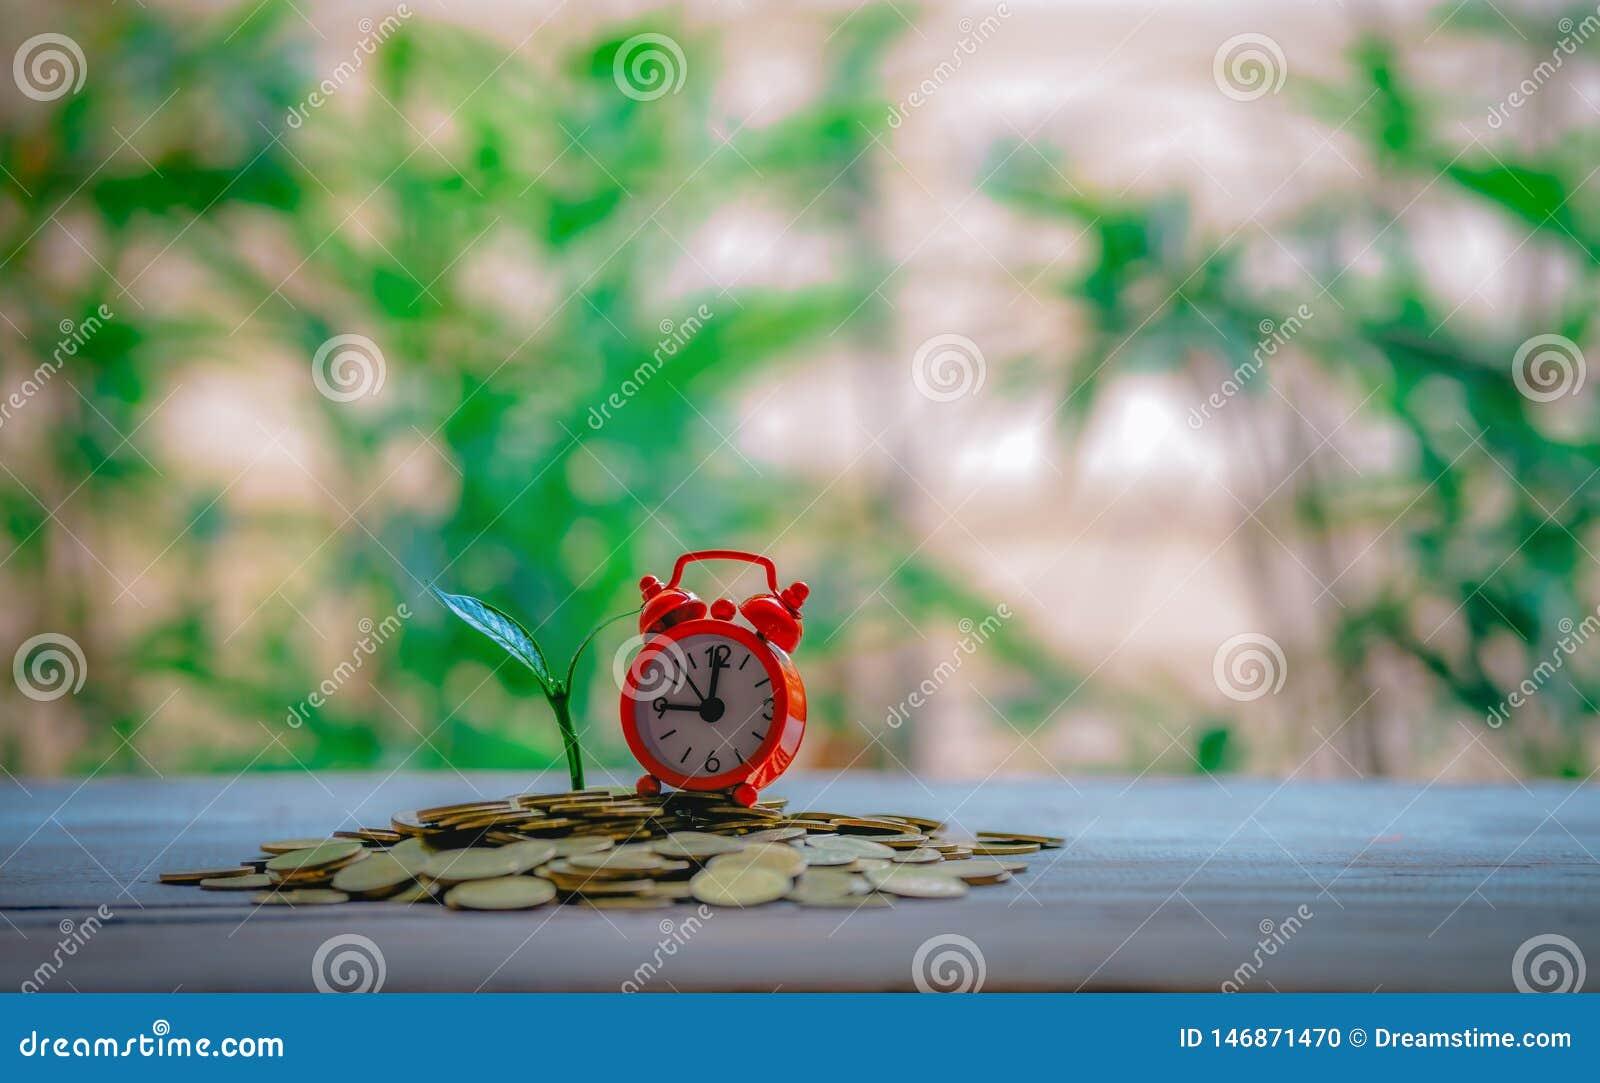 Χρόνος λήξης της προθεσμίας υποβολής και με την ανάπτυξη χρημάτων